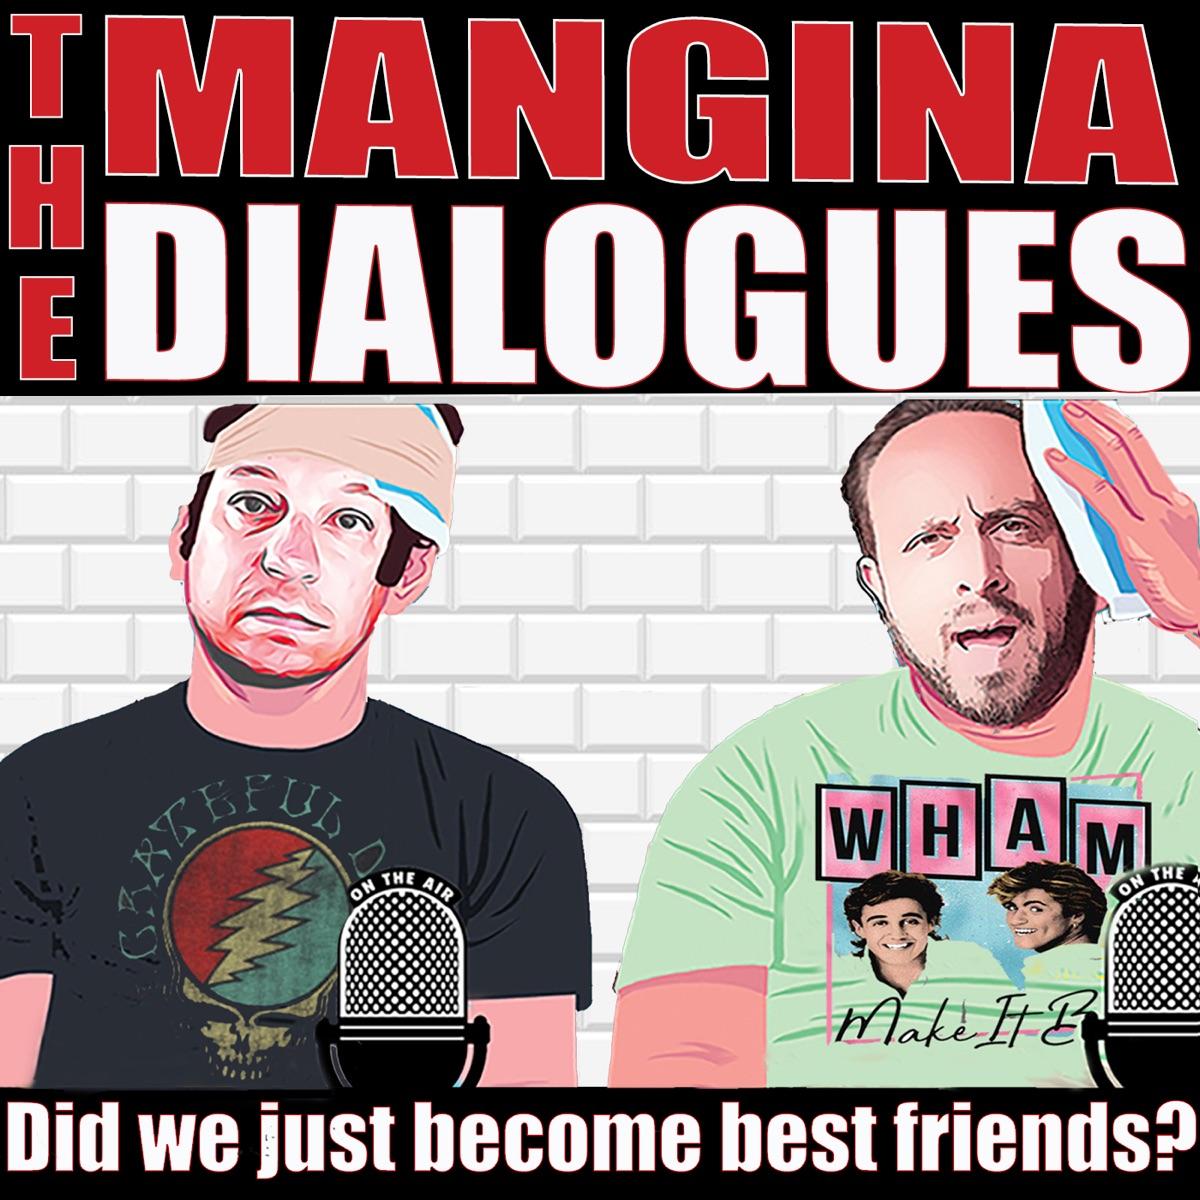 The Mangina Dialogues